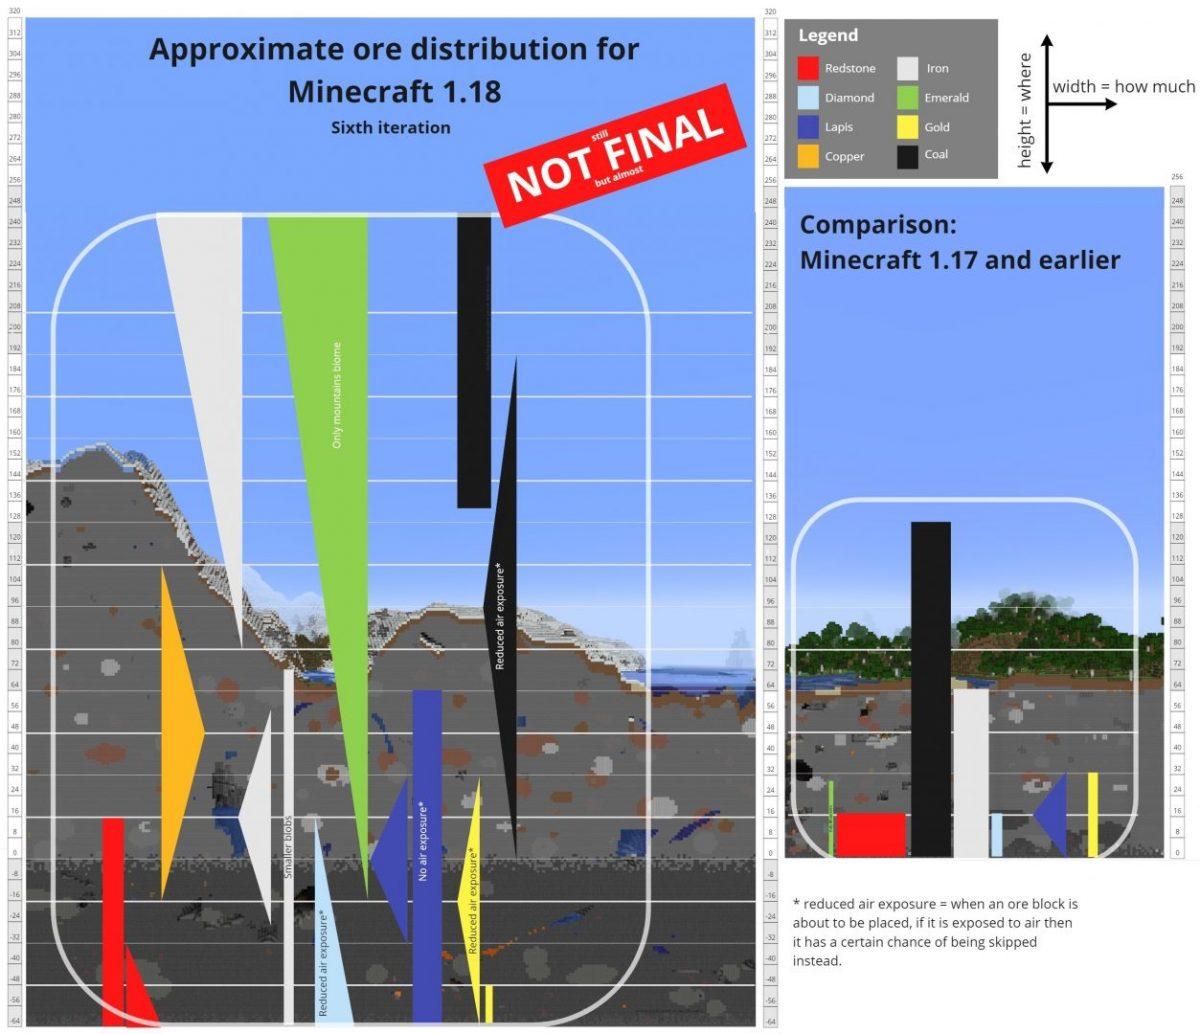 Distribution des minerais dans cette snapshot